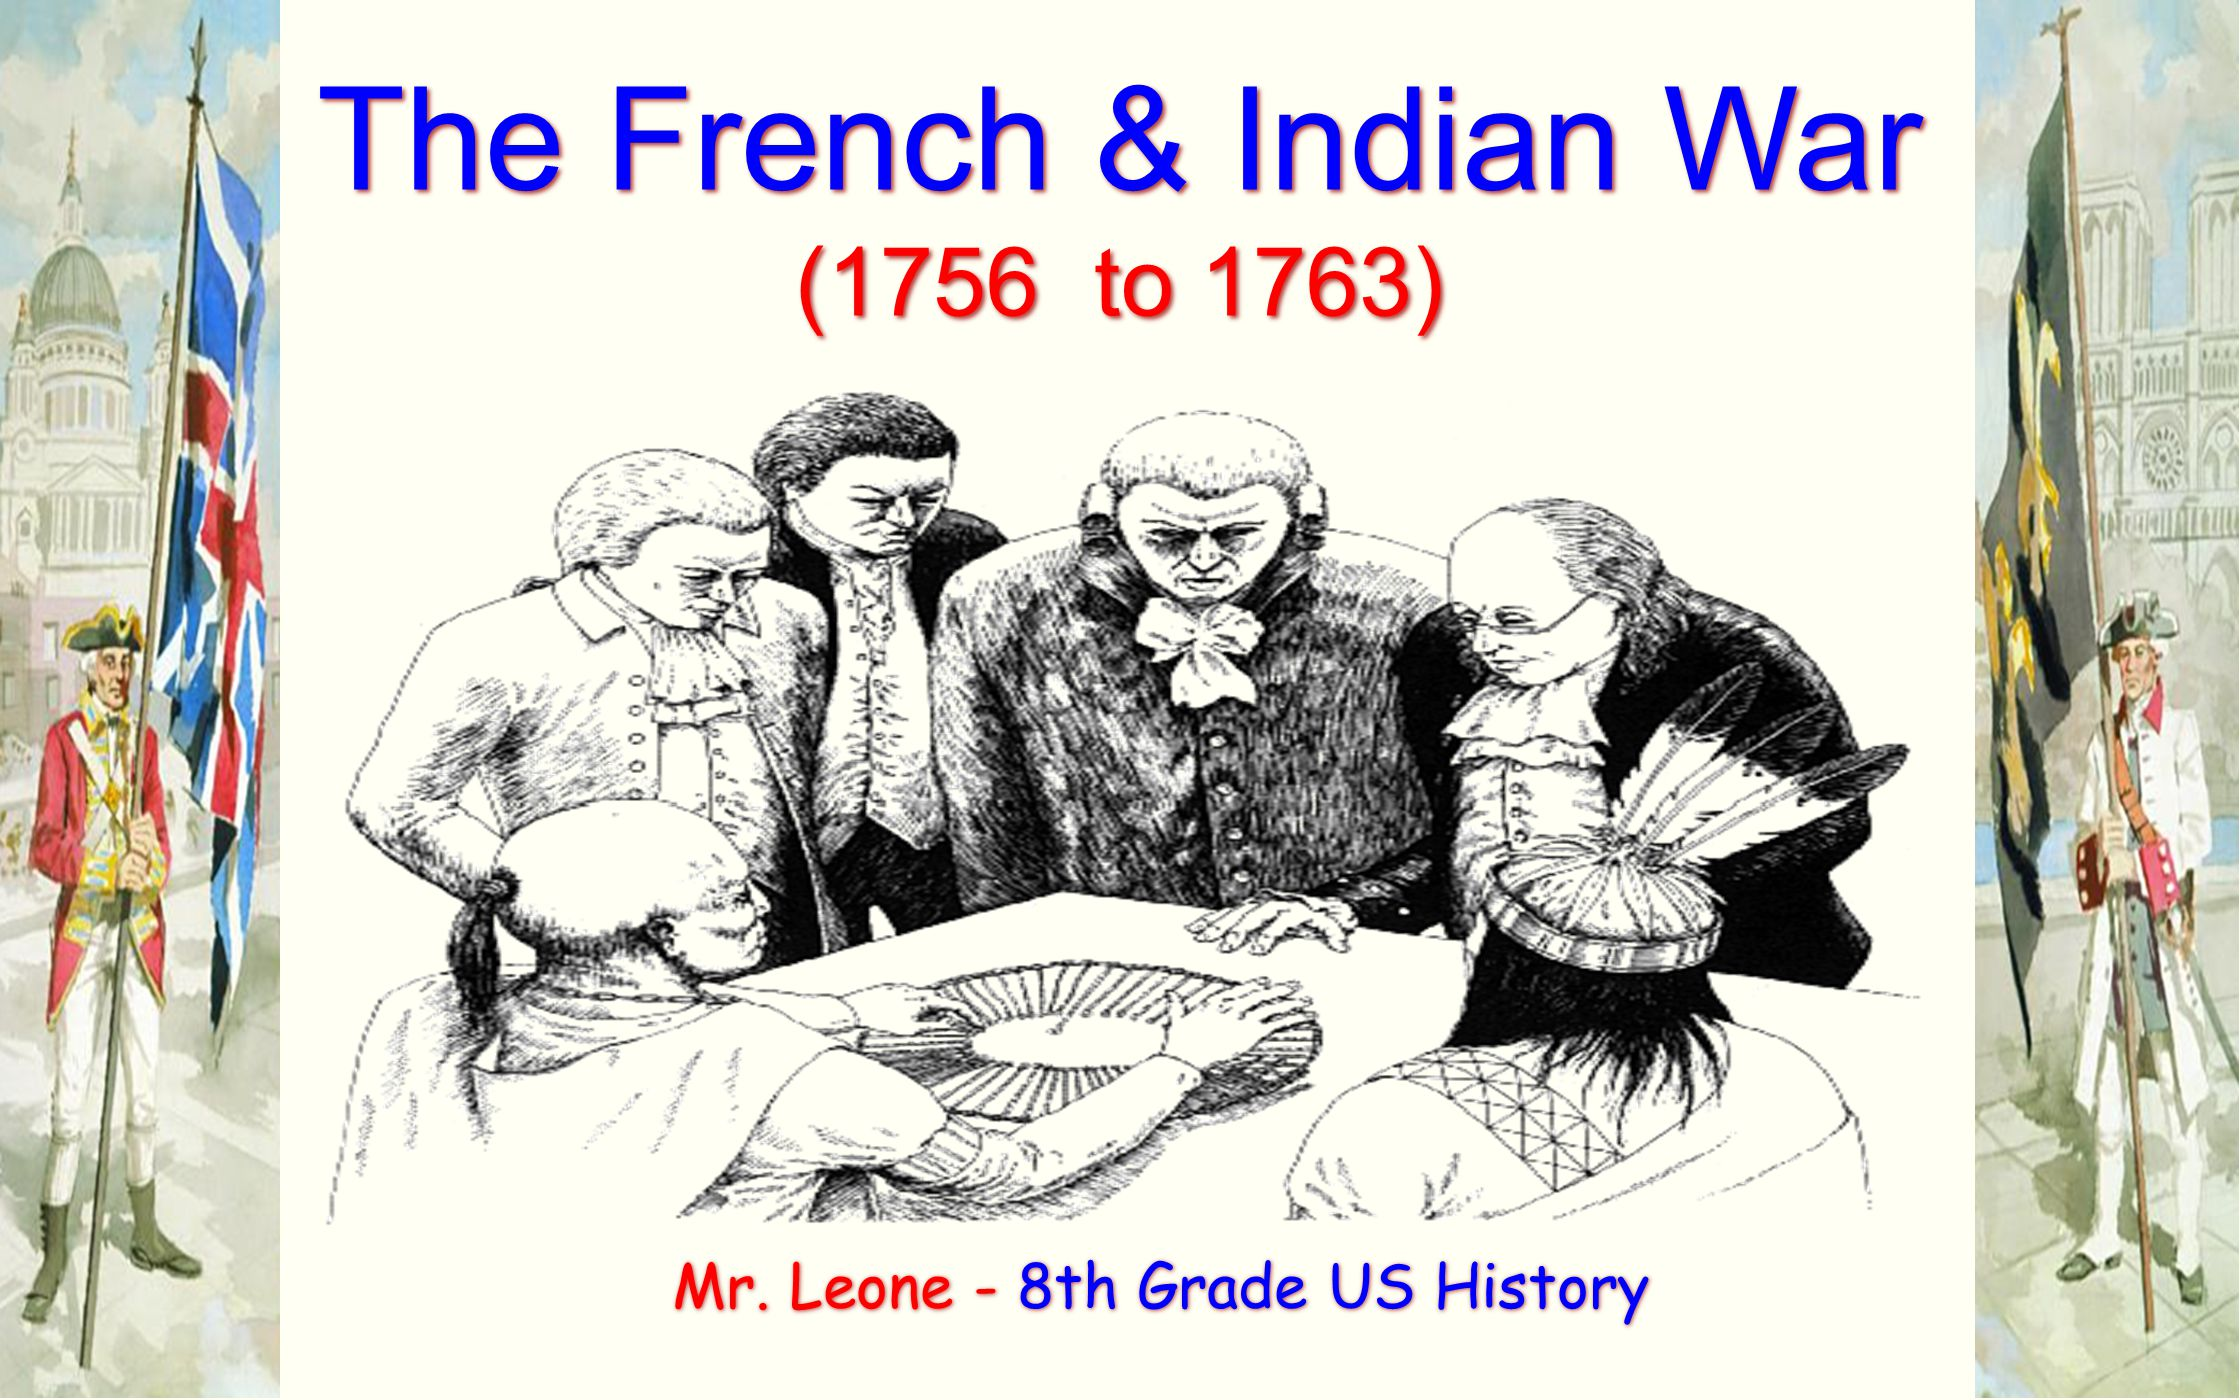 Mr. Leone - 8th Grade US History